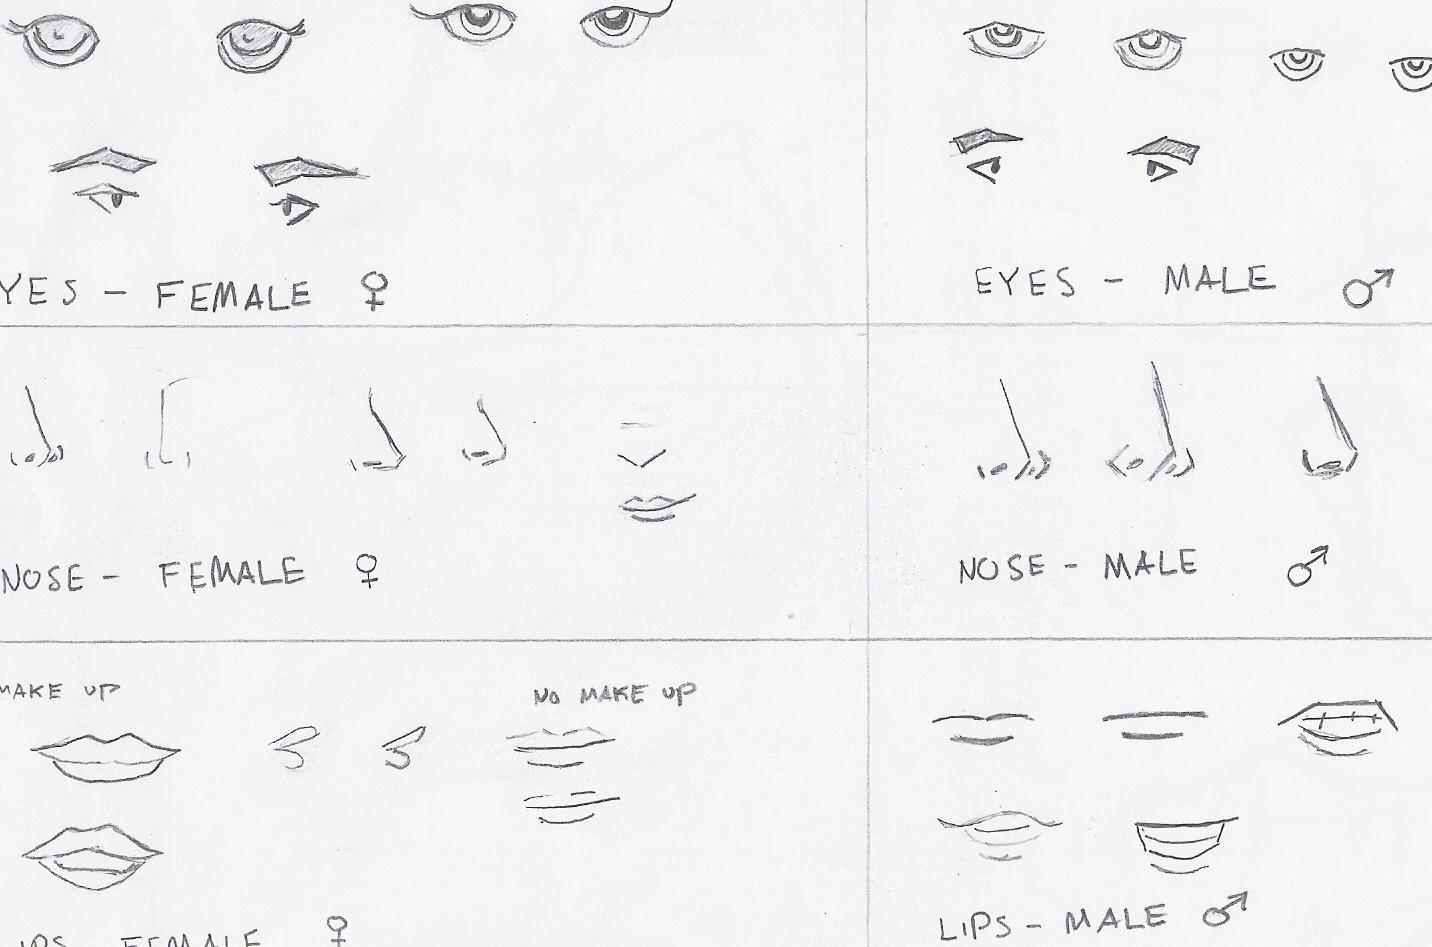 Anime facial features